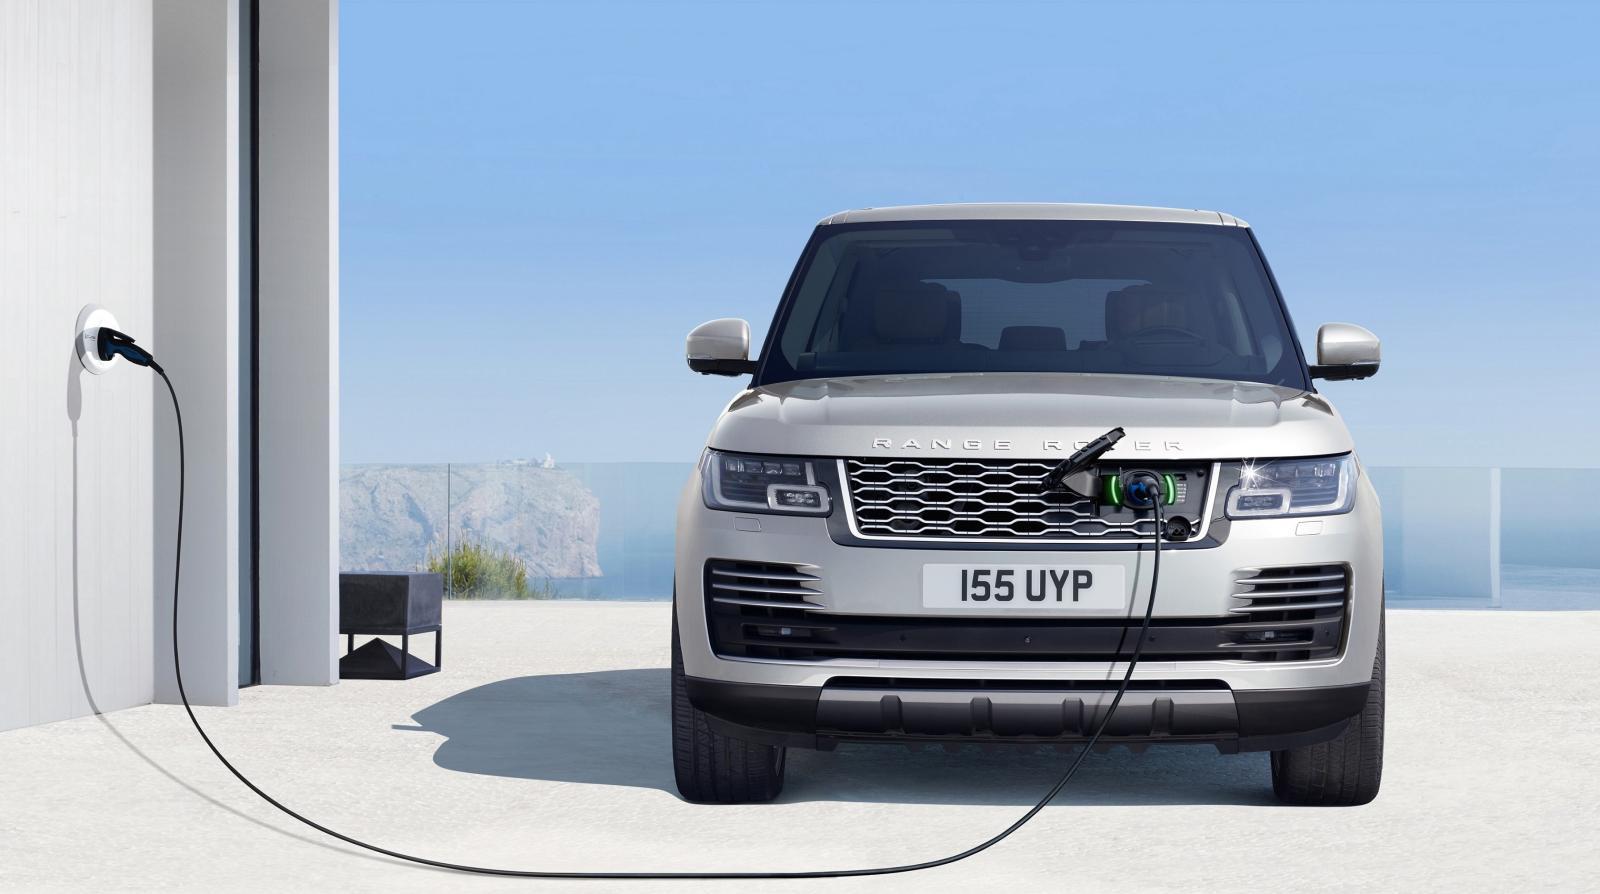 2018-facelift-Range-Rover- (17)